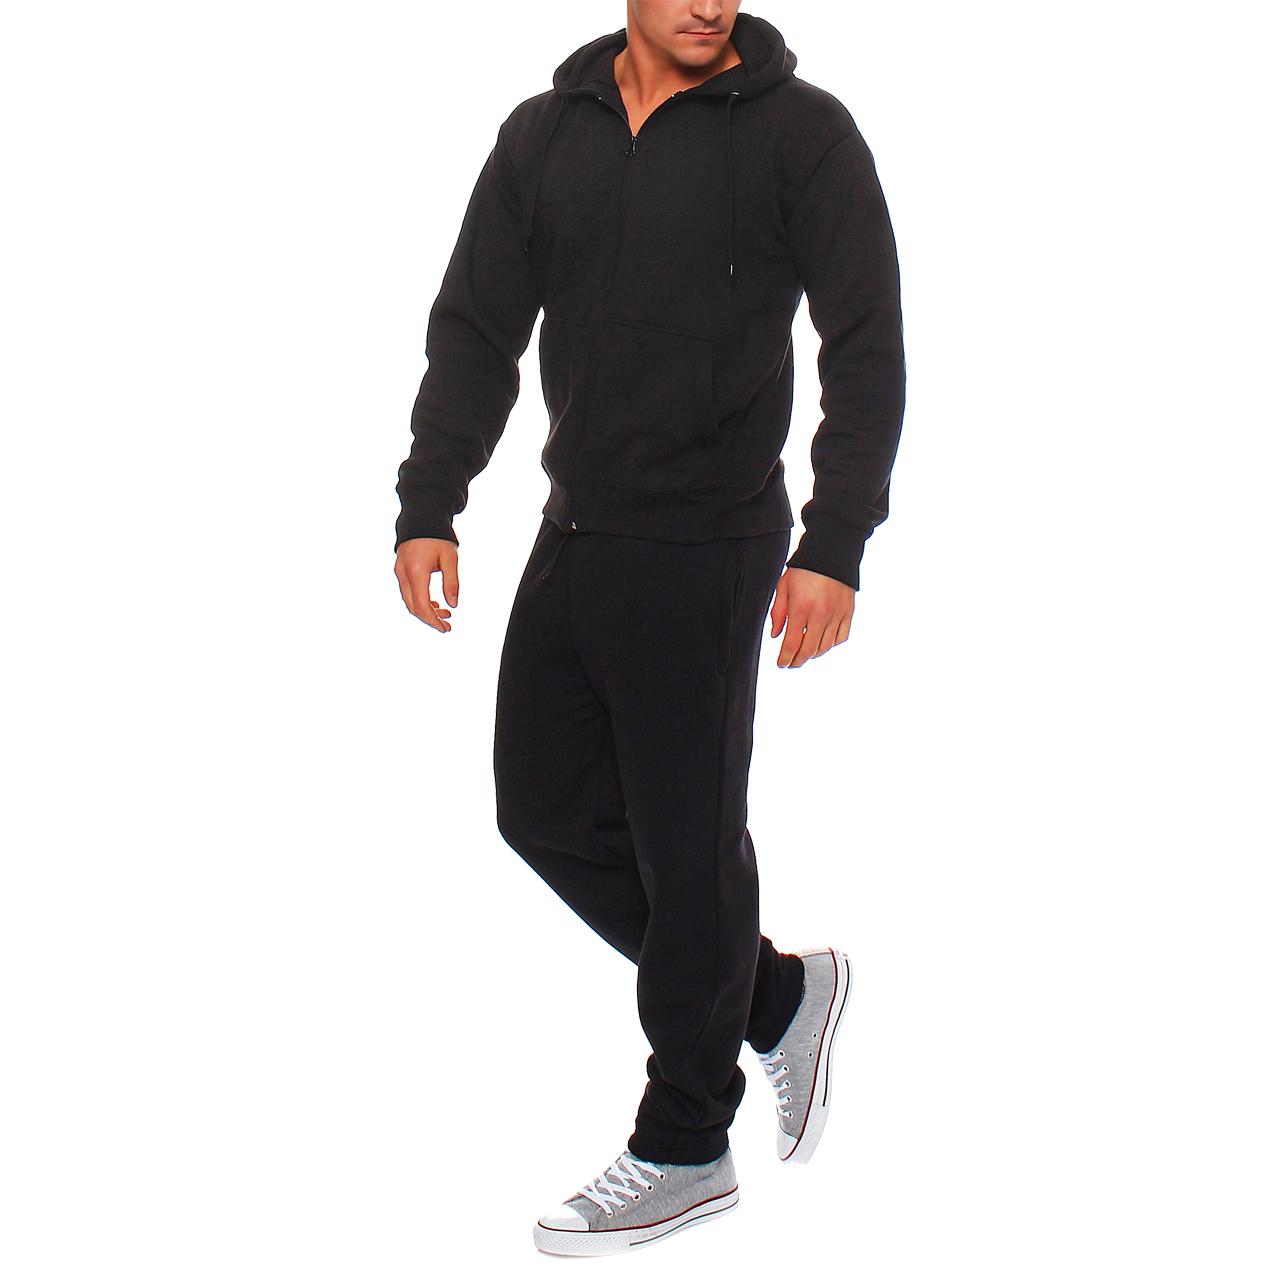 hype inc men 39 s jogging suit tracksuit sweatshirt trousers. Black Bedroom Furniture Sets. Home Design Ideas